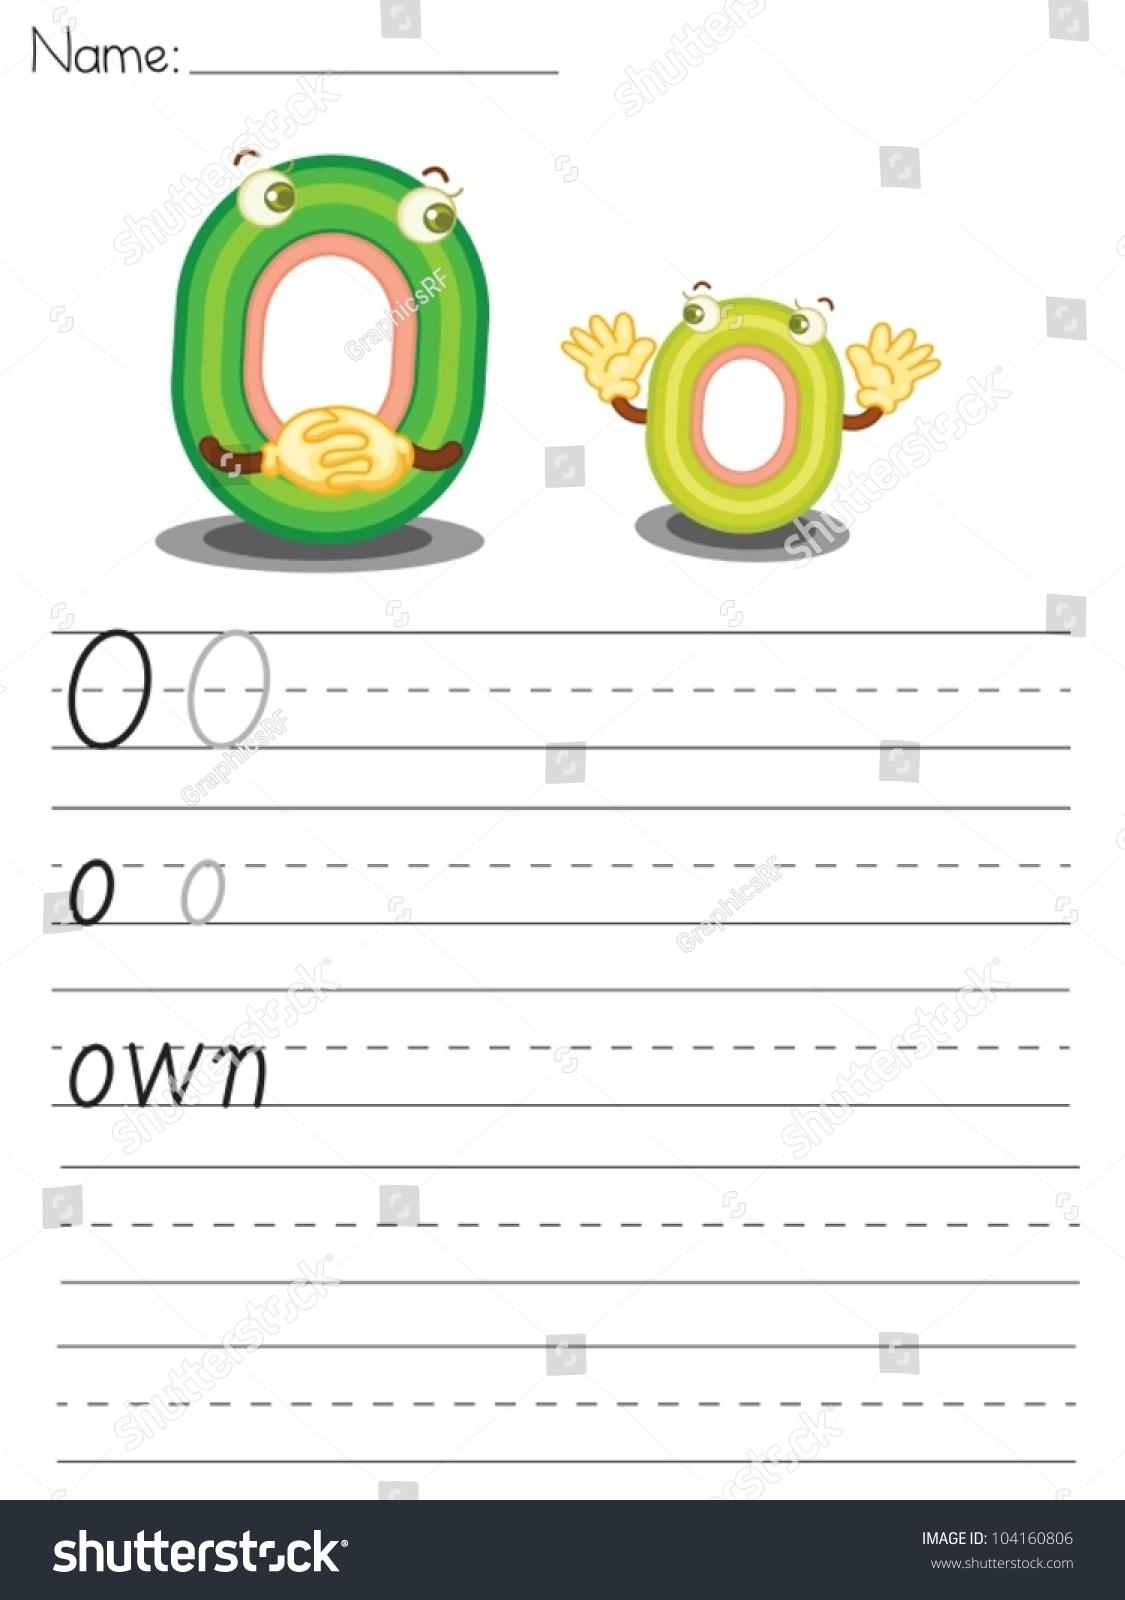 Illustrated Alphabet Worksheet Letter O Stock Vector